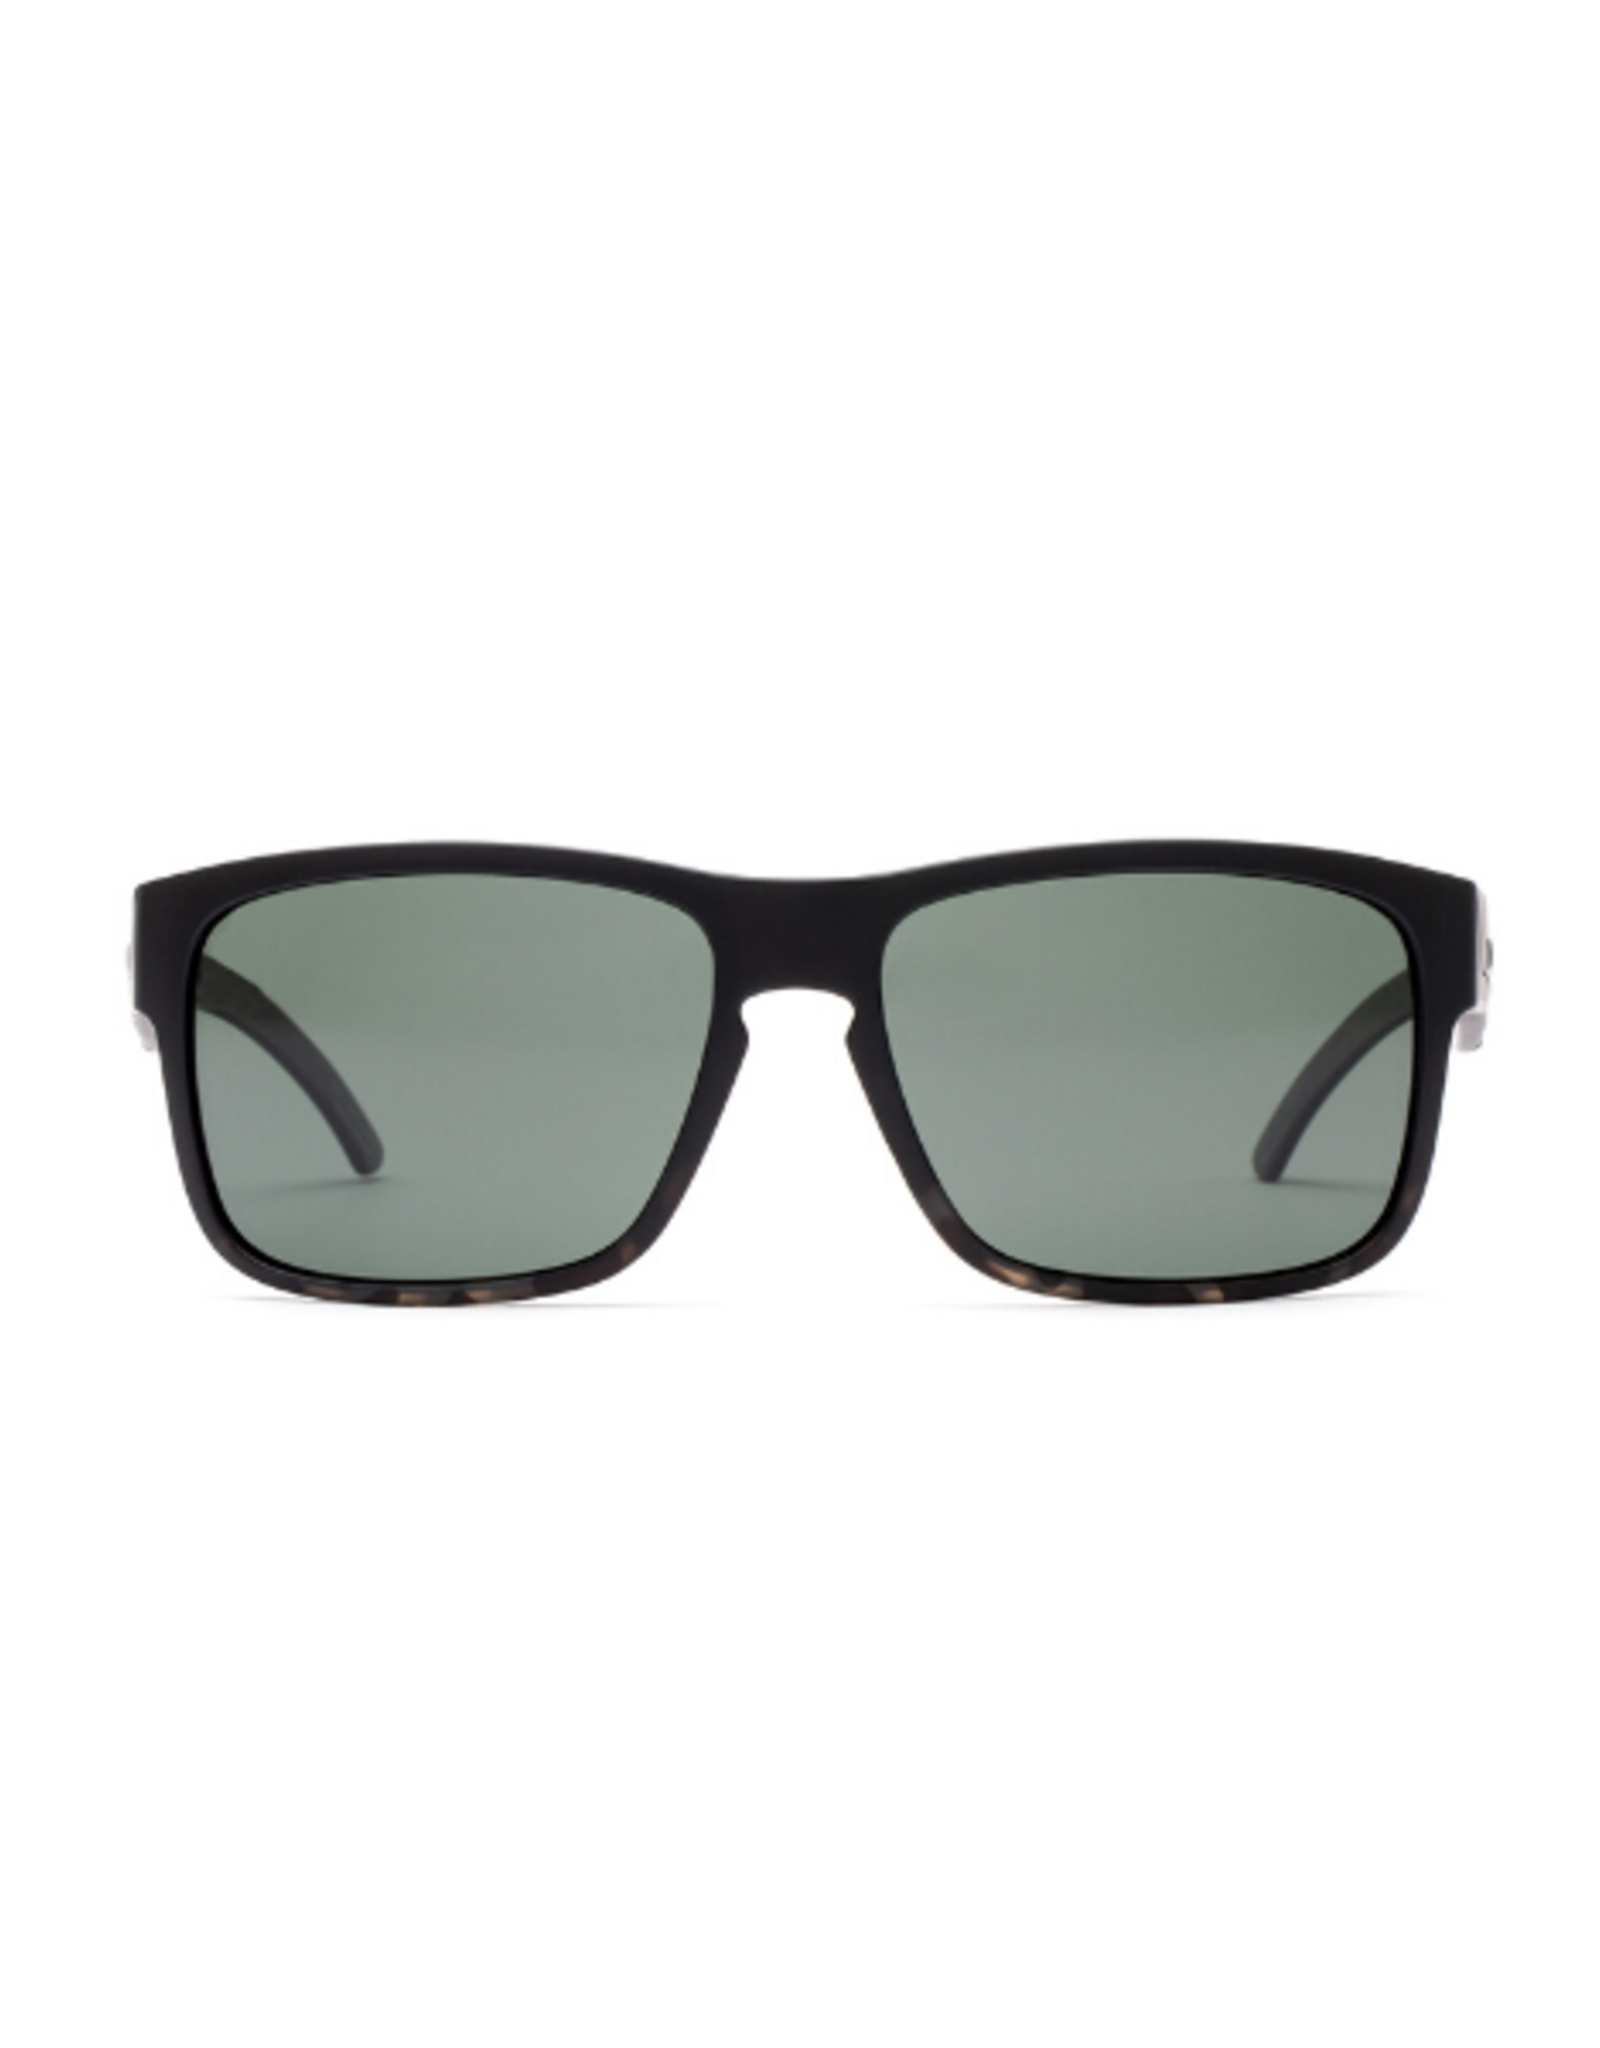 Otis Eyewear 137-2001P Rambler Matte Black Tort/Grey Polar